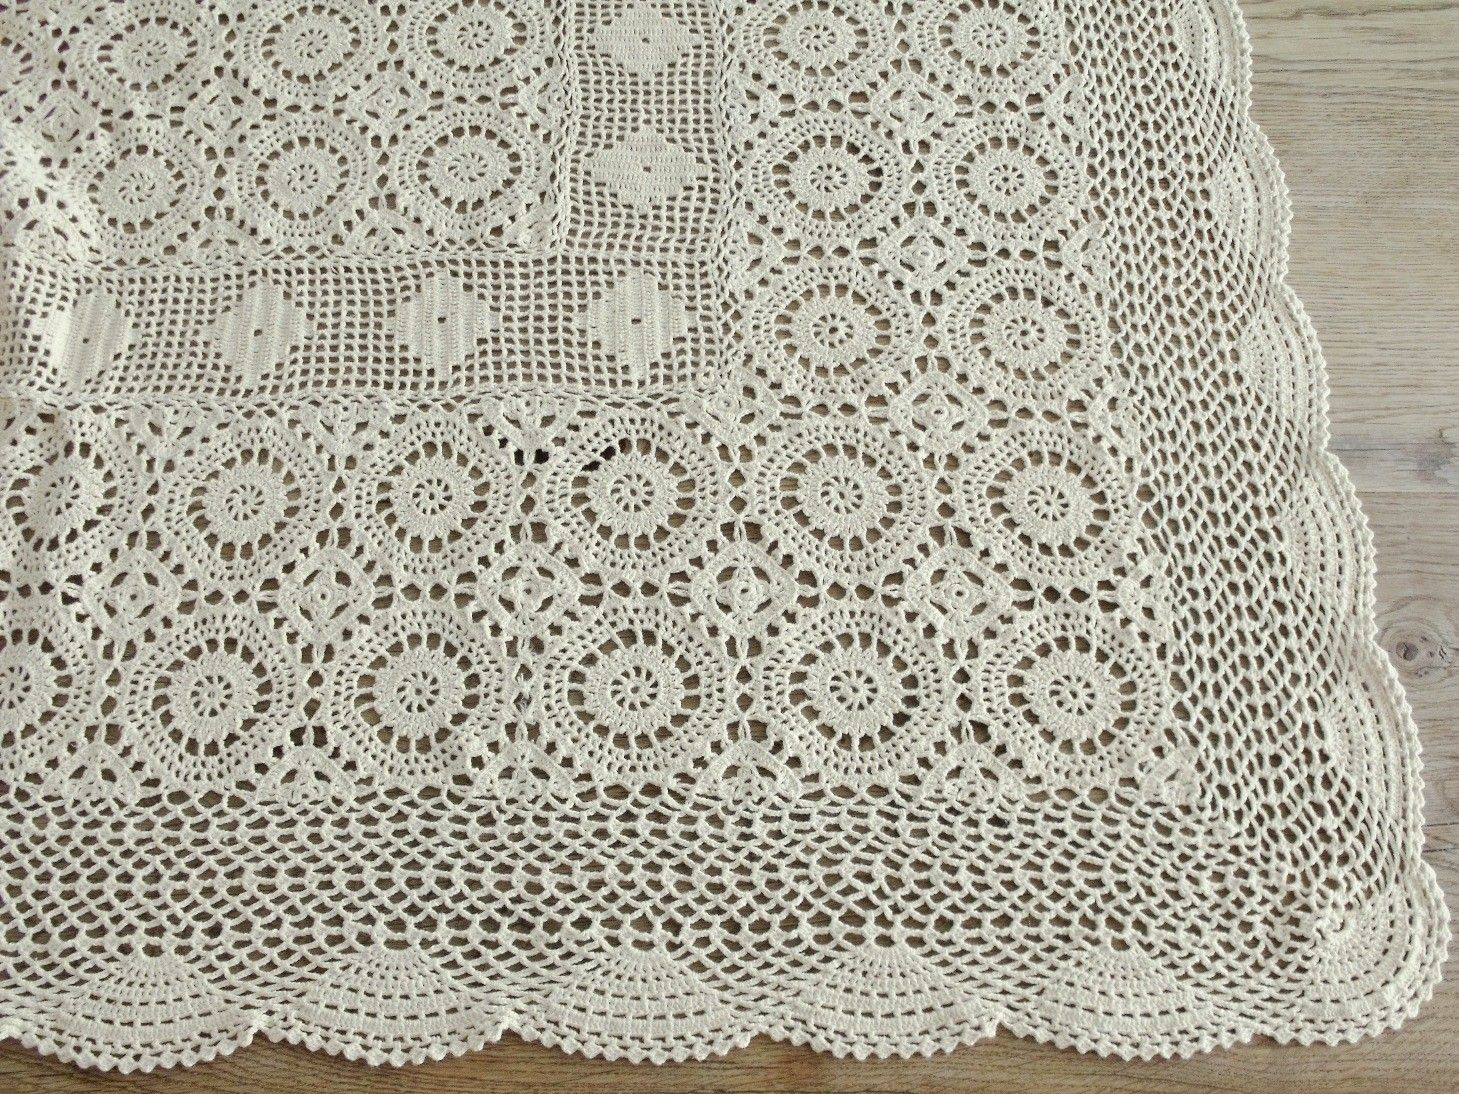 Creamy vintage crochet bedspread by robinseggbleunest on etsy creamy vintage crochet bedspread by robinseggbleunest on etsy bankloansurffo Choice Image